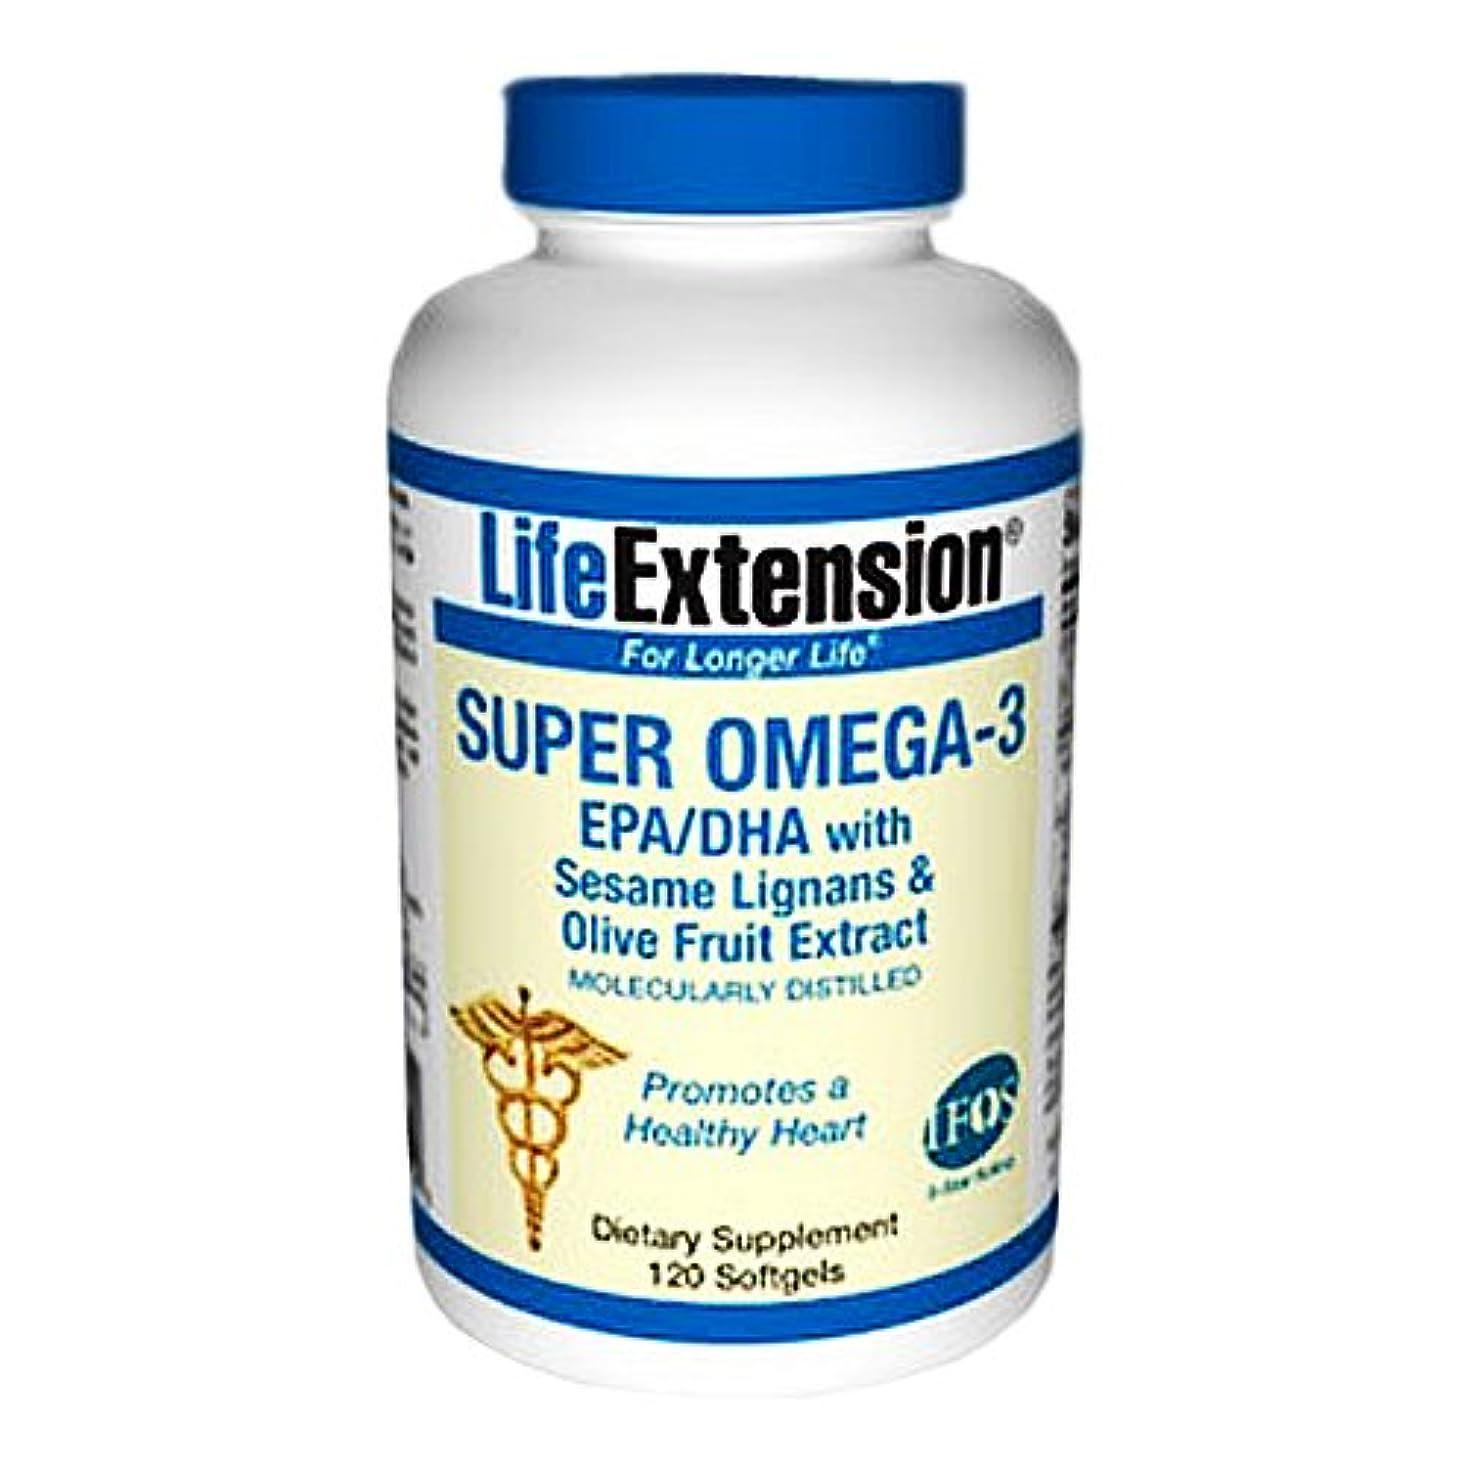 赤協力する反抗スーパーオメガ3 EPA / DHA ゴマリグナン&オリーブ果実の抽出物 Omega-3 EPA/DHA with Sesame Lignans & Olive Fruit Extract (海外直送品)